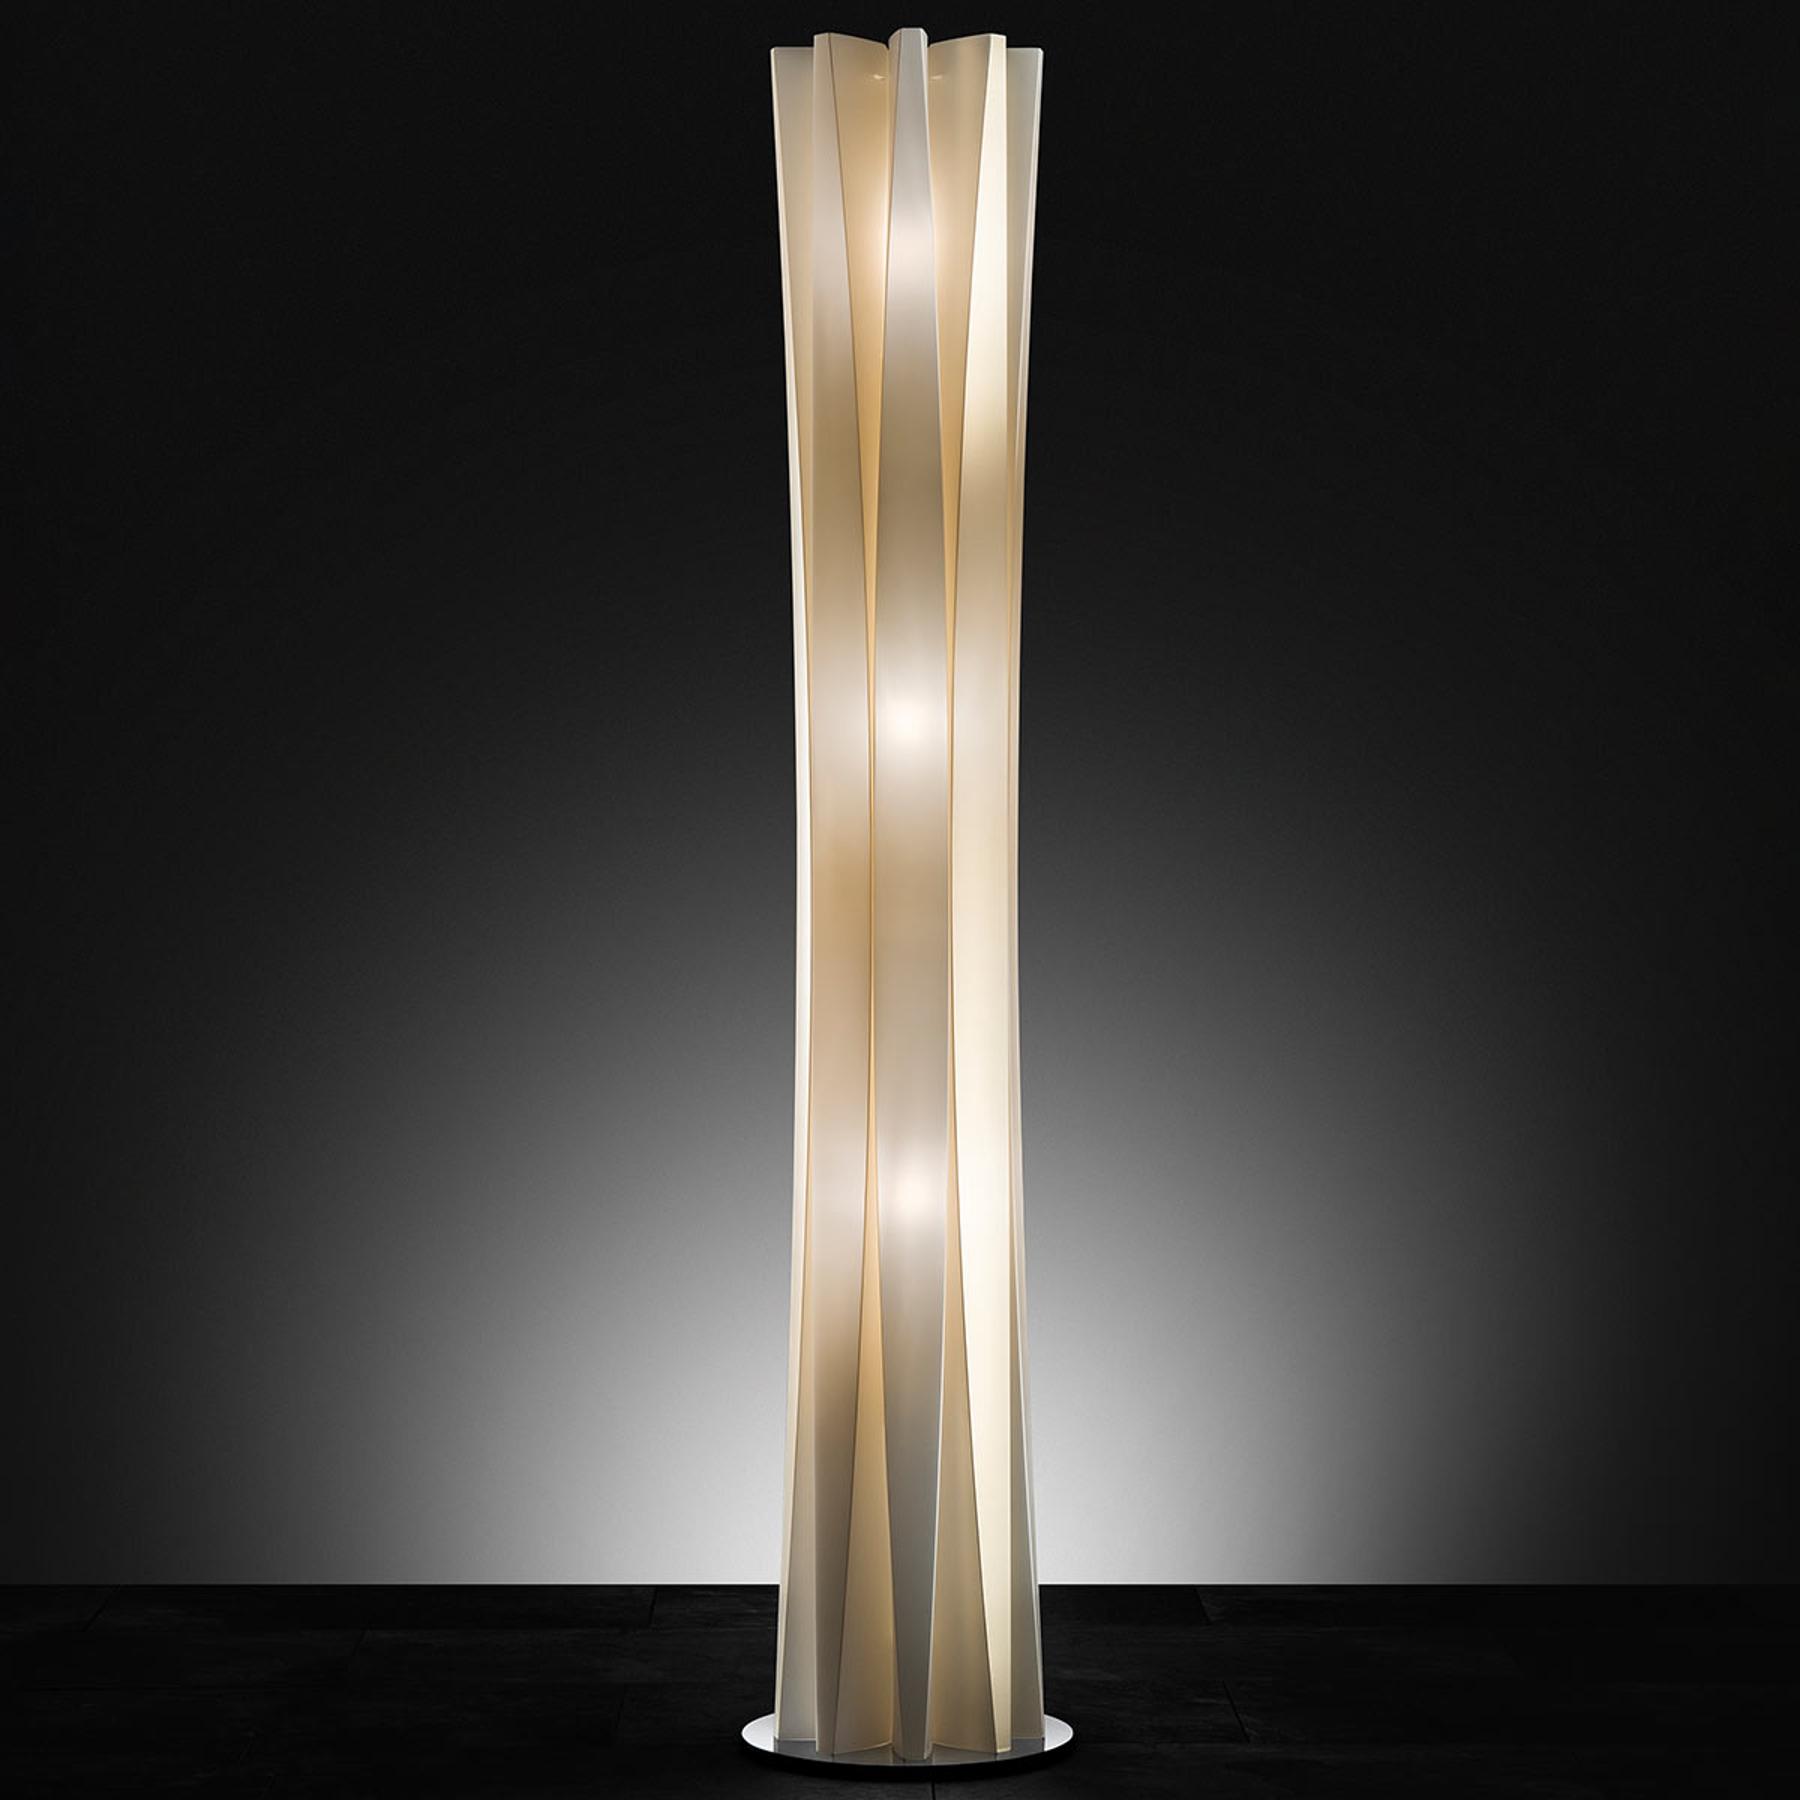 Élégant lampadaire BACH, hauteur 161 cm, or